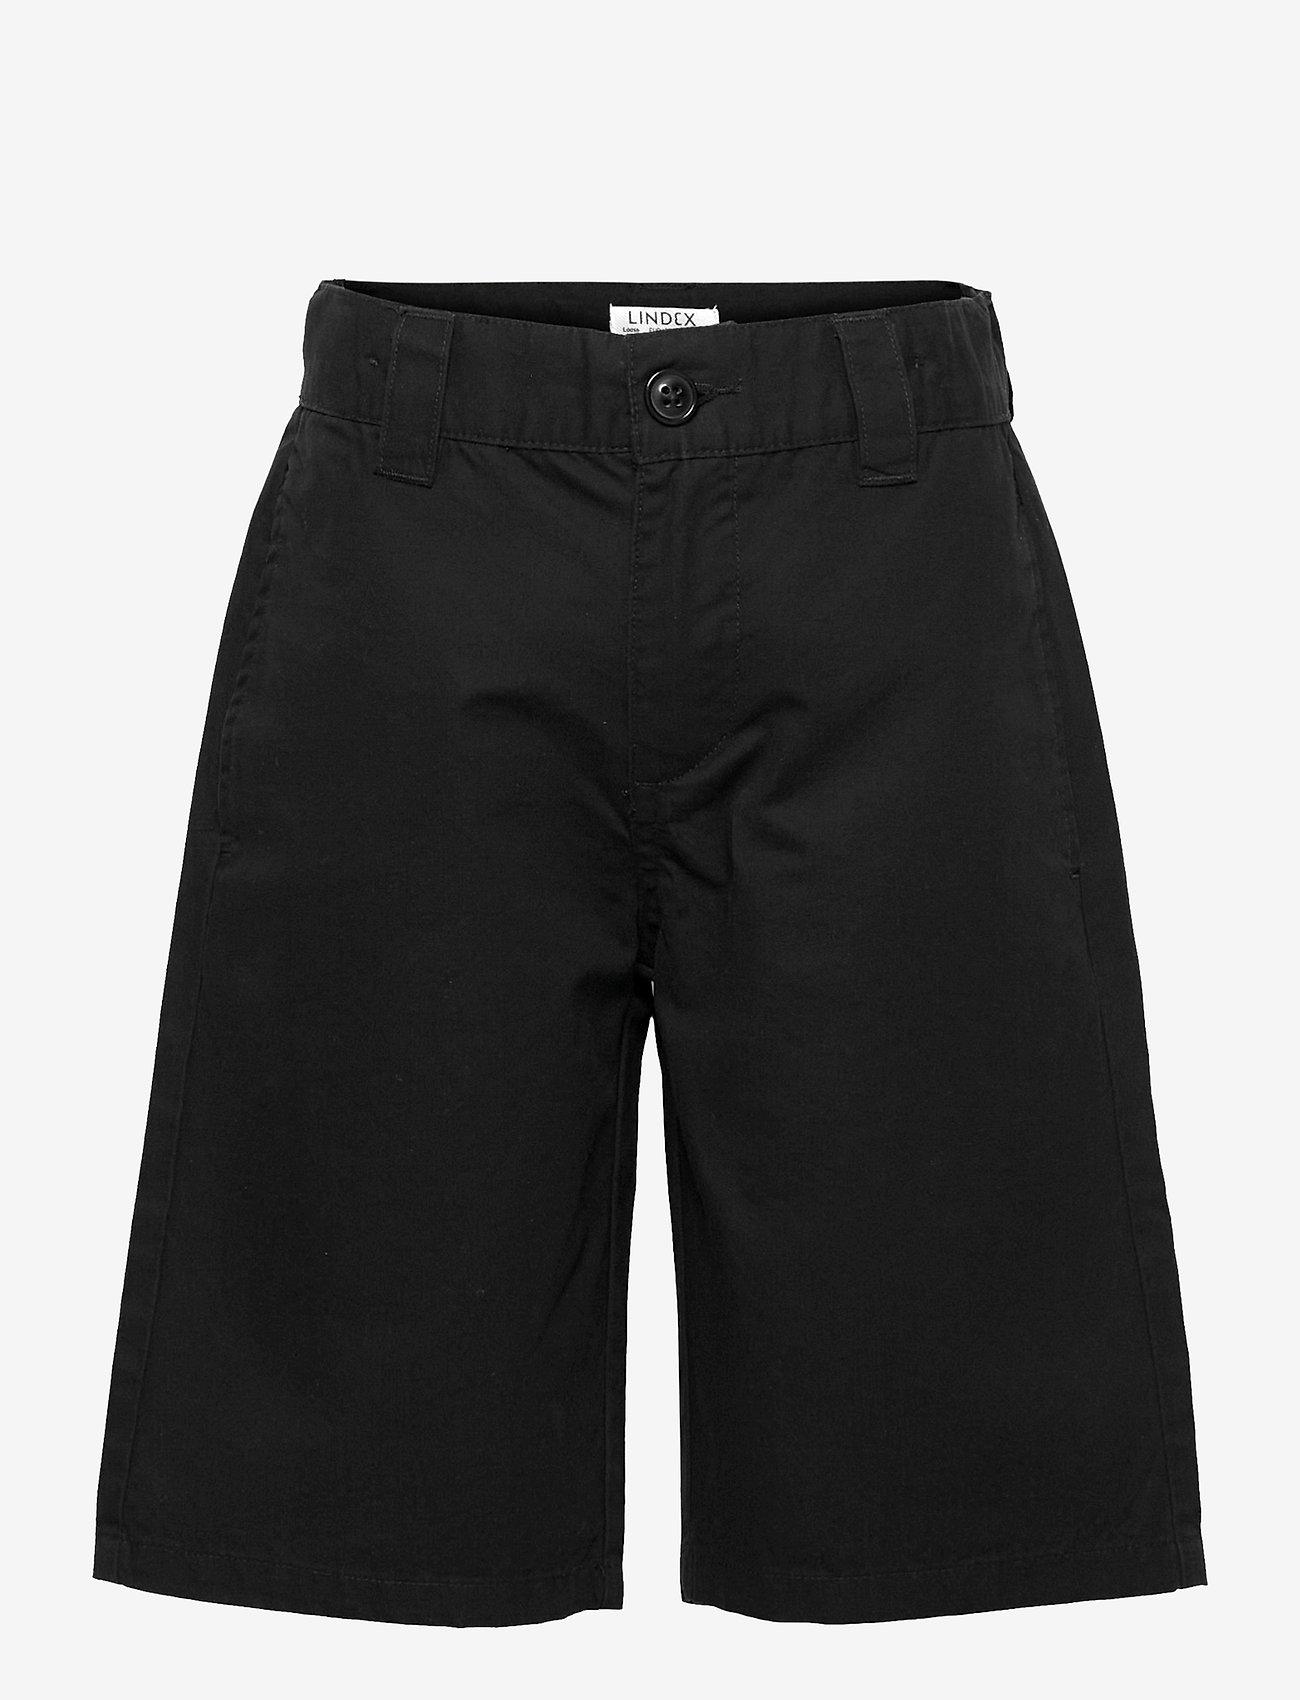 Lindex - Shorts skatefit  wide leg - shorts - black - 0